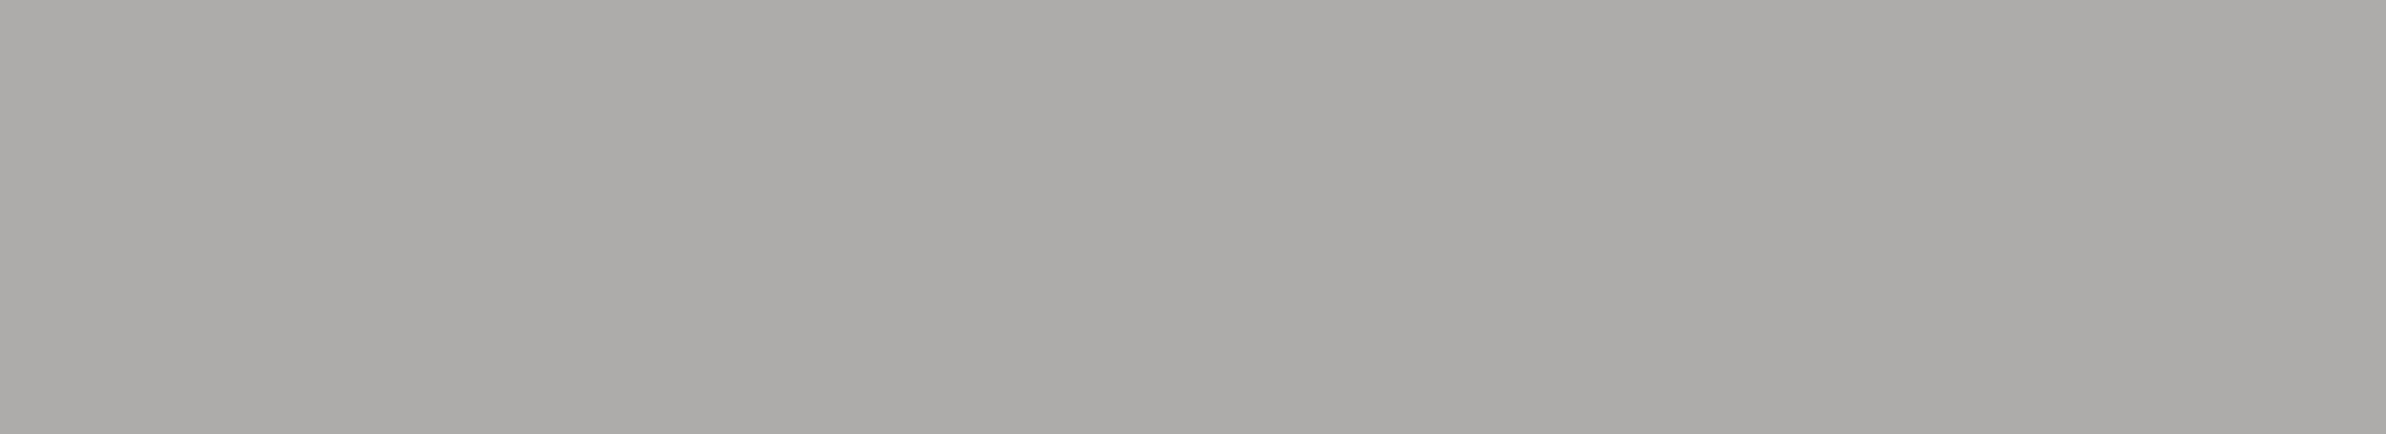 #24 @ 1% - Grey